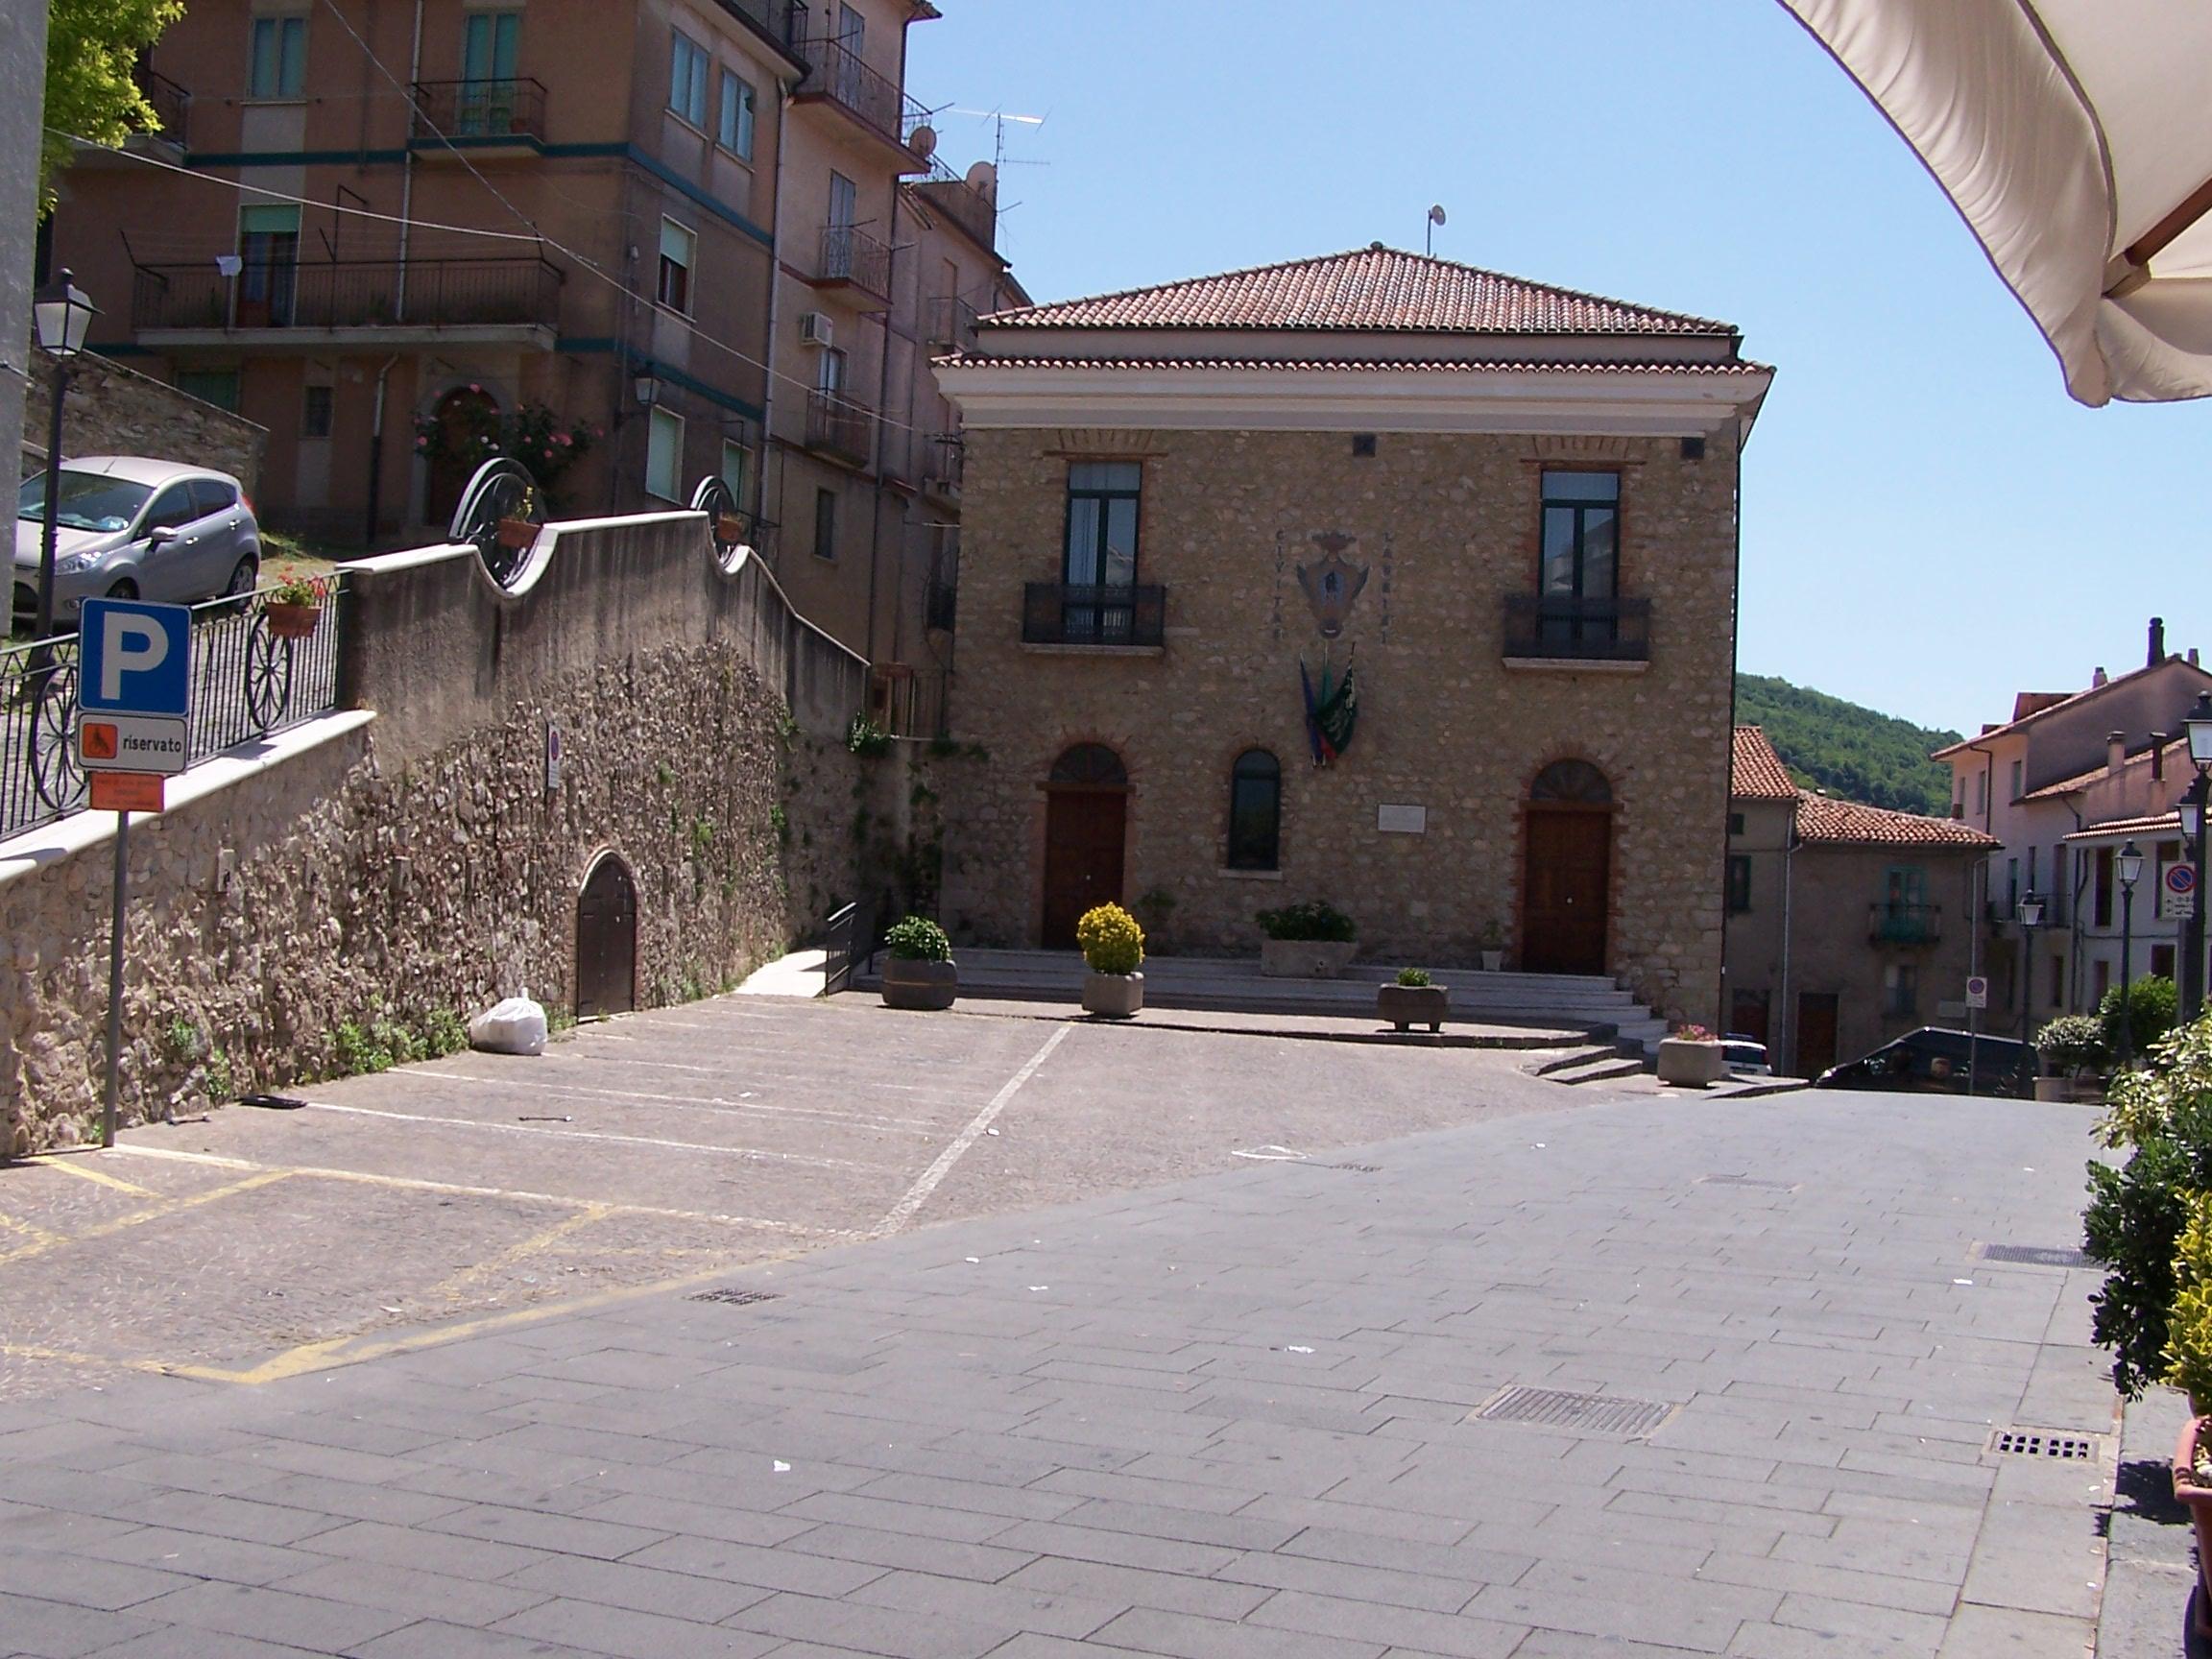 P.zza A. Magliani - Casa comunale